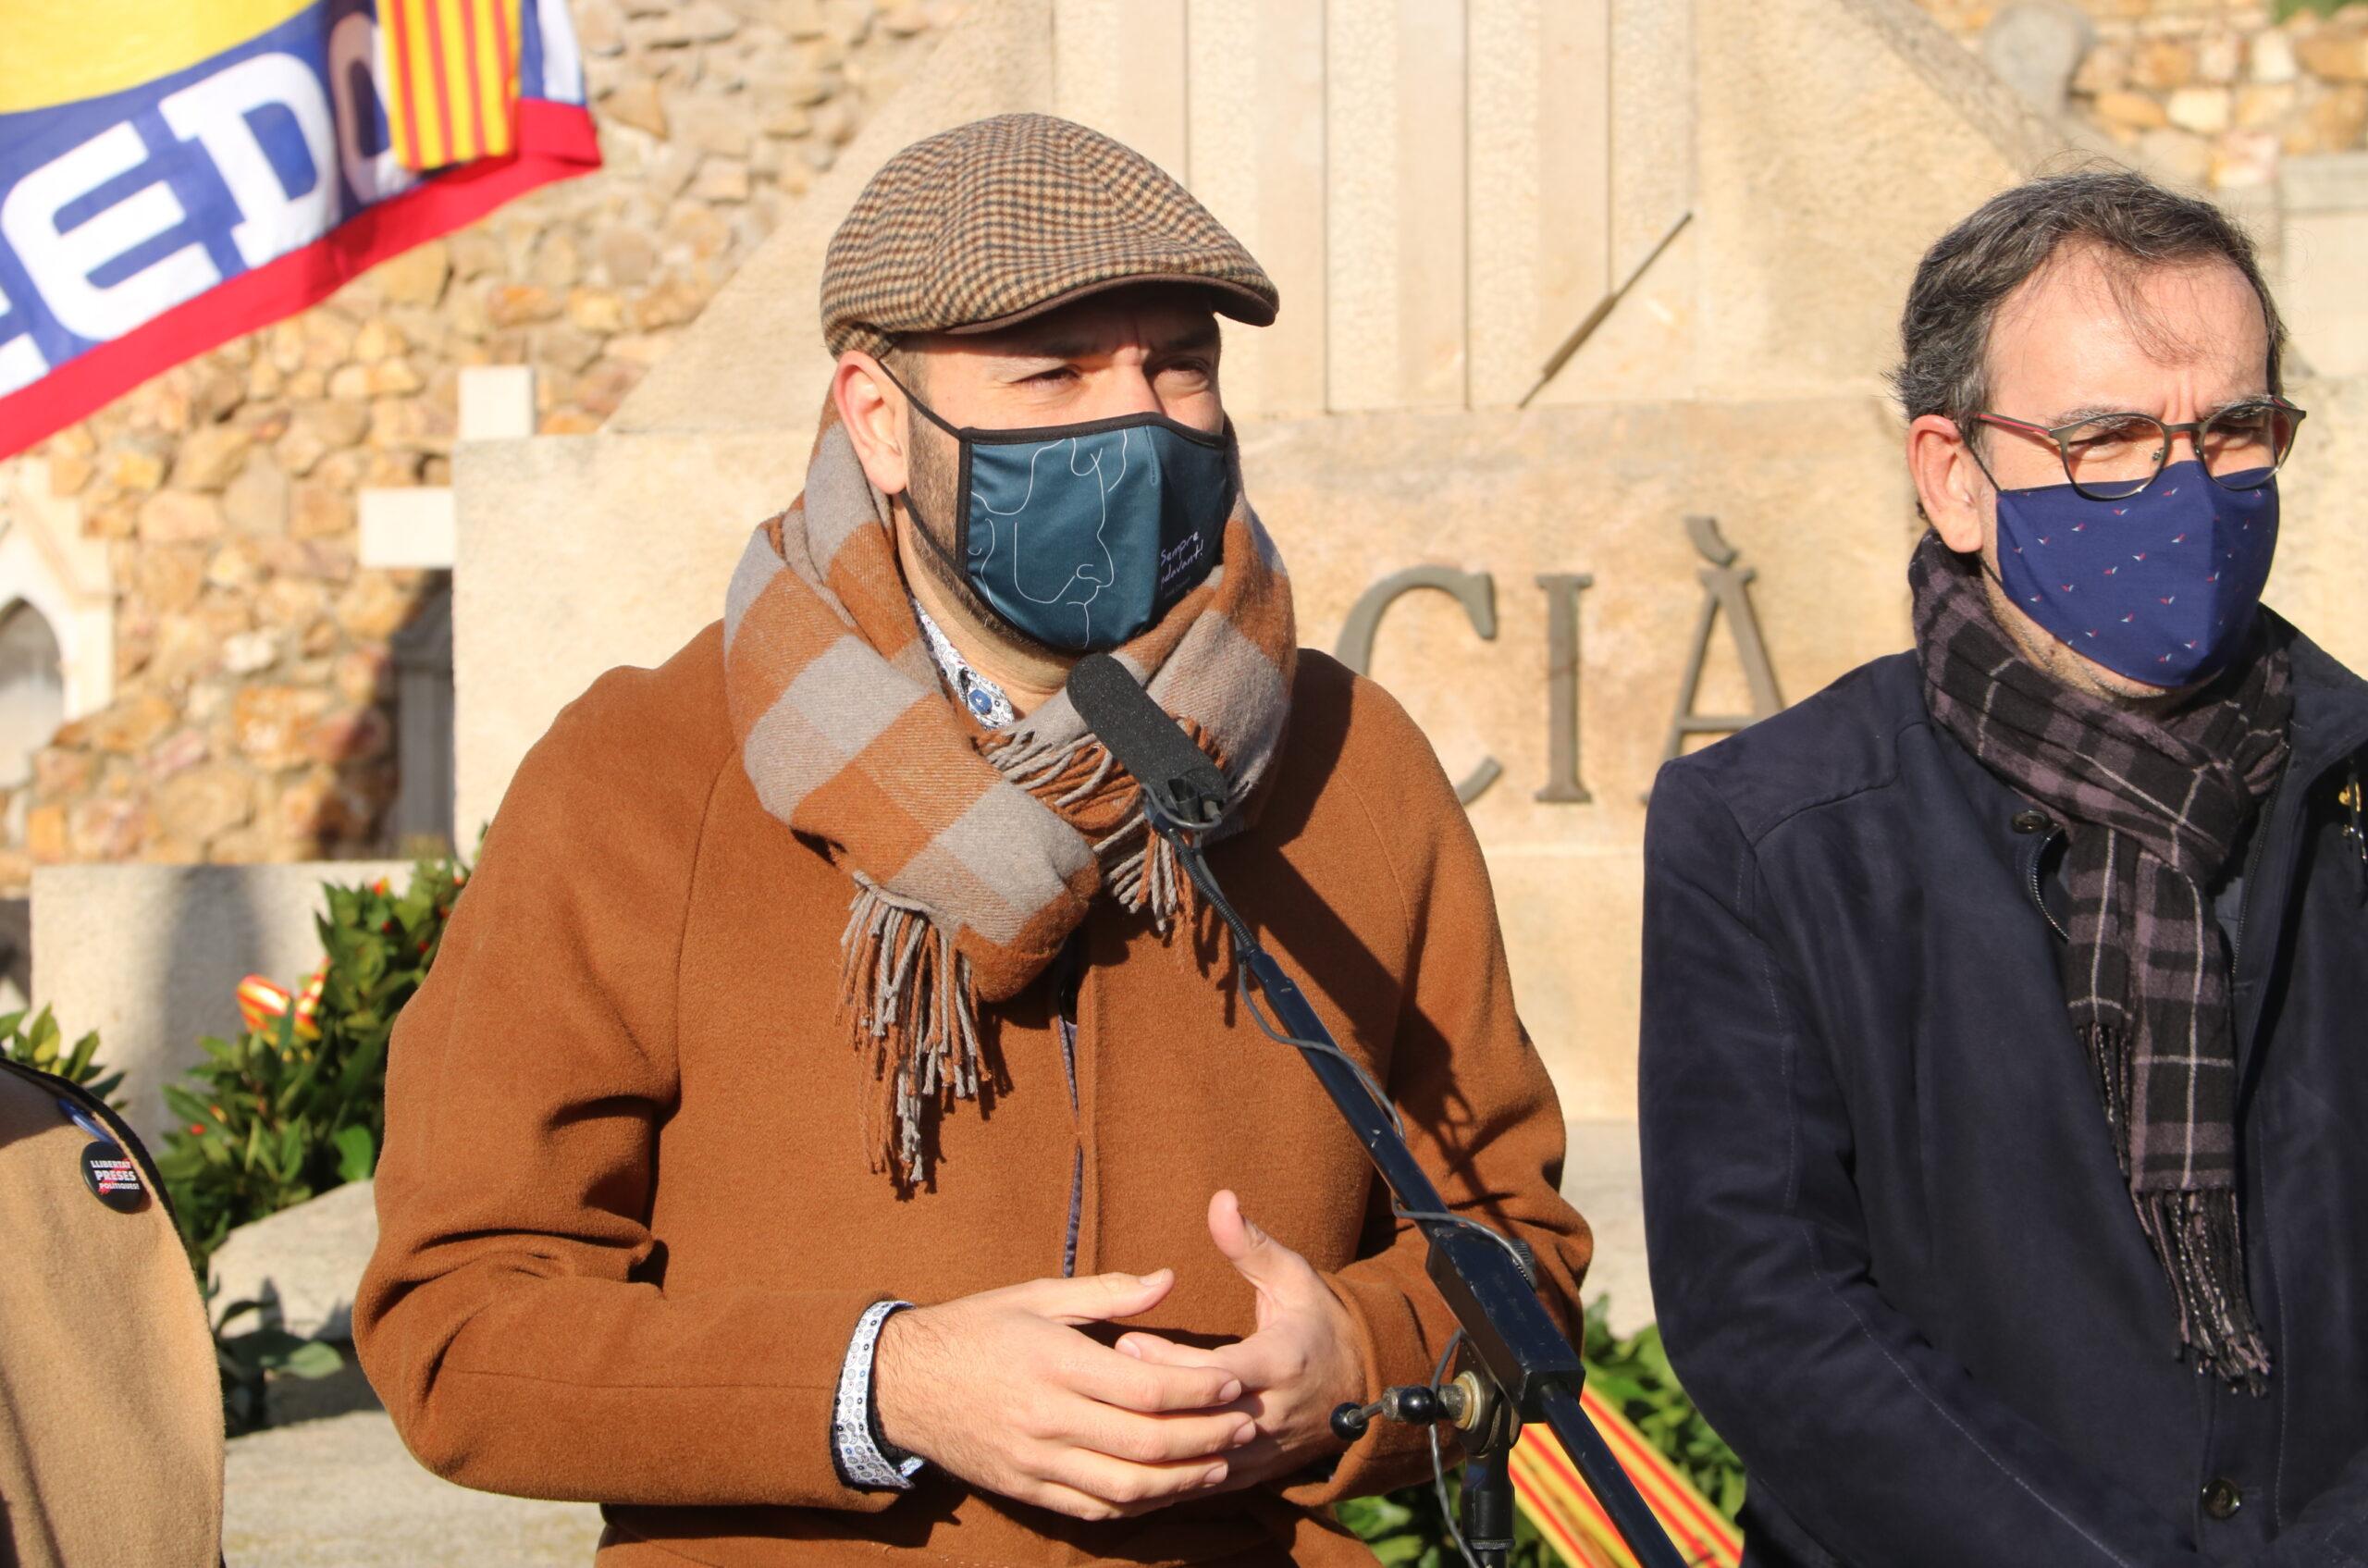 El vicepresident d'Òmnium Cultural, Marcel Mauri, el 25 de desembre / ACN